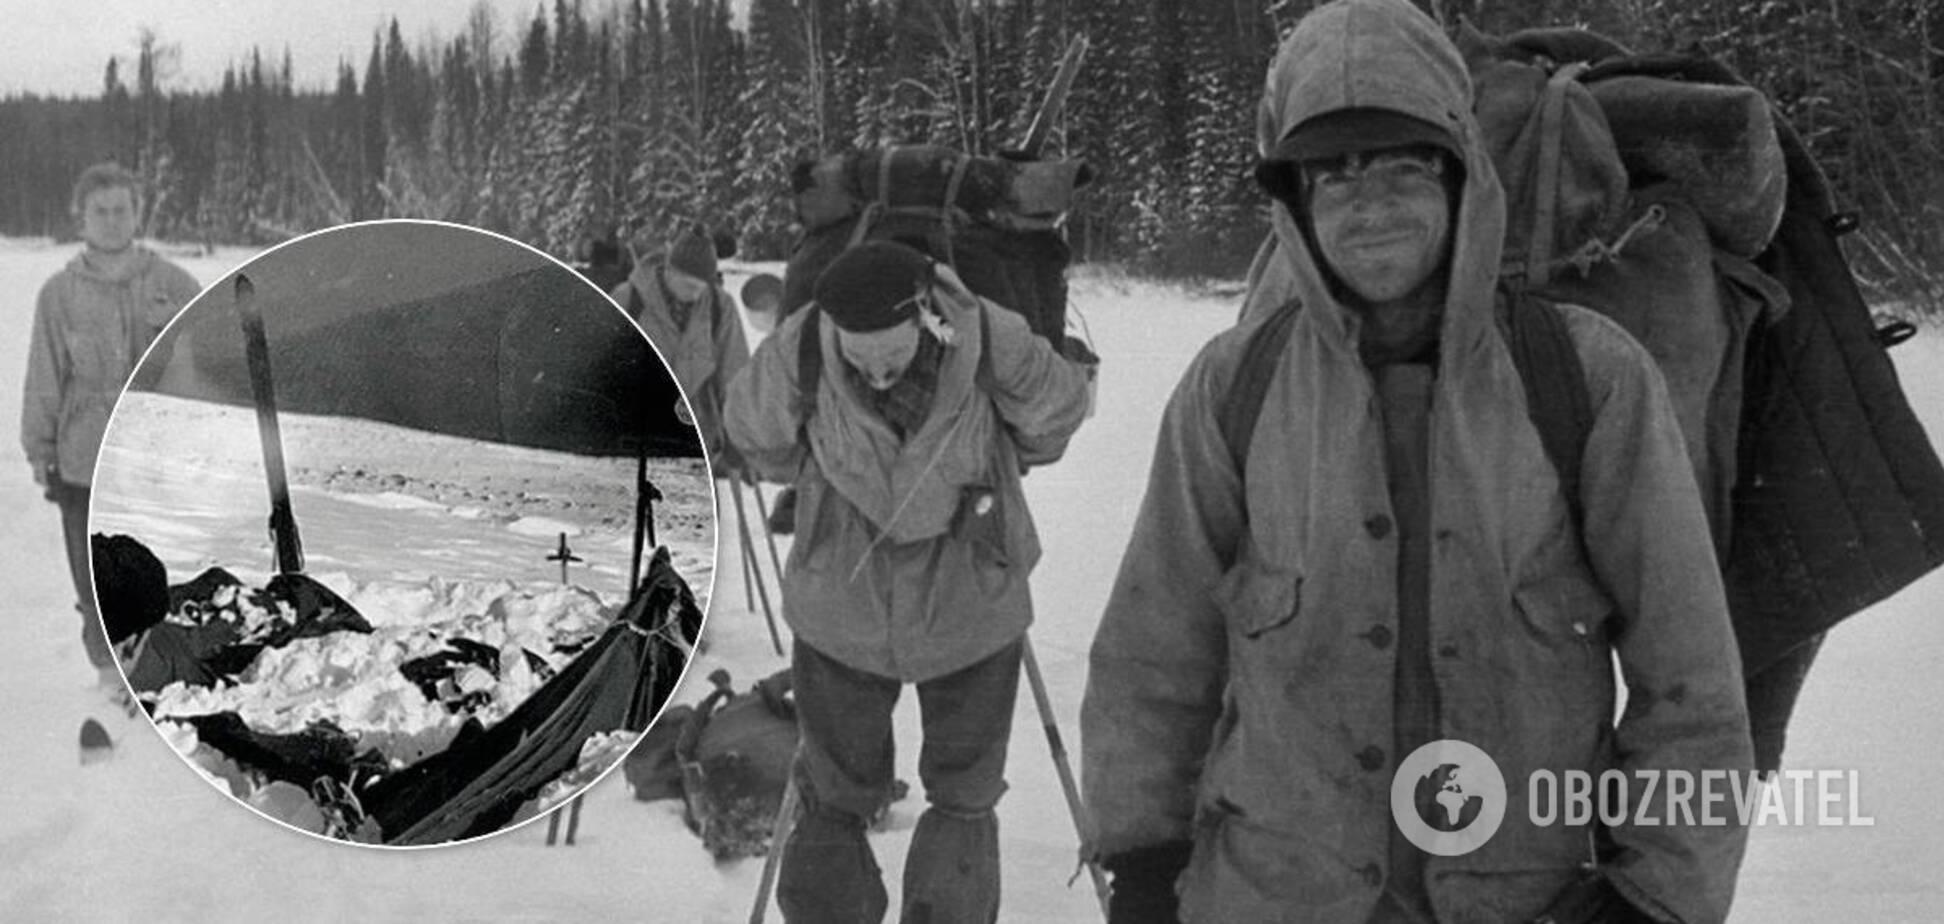 Альпинист назвал самую вероятную версию таинственной гибели группы Дятлова